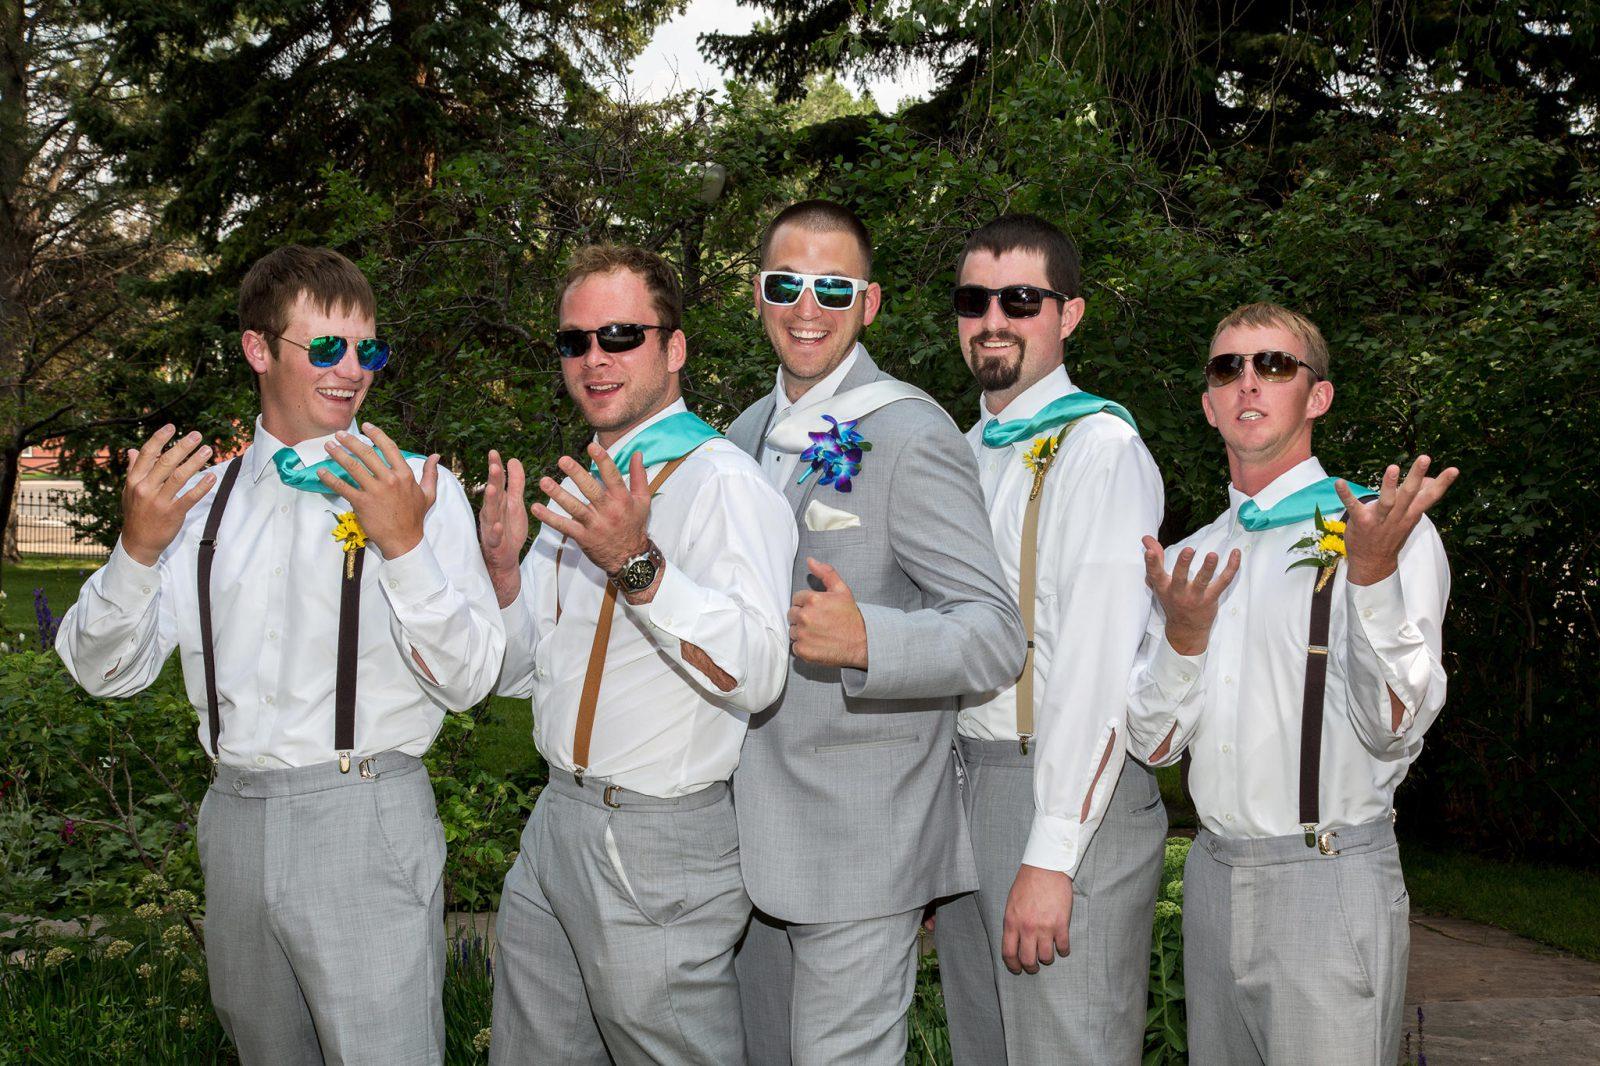 marchese_wedding_360 copy